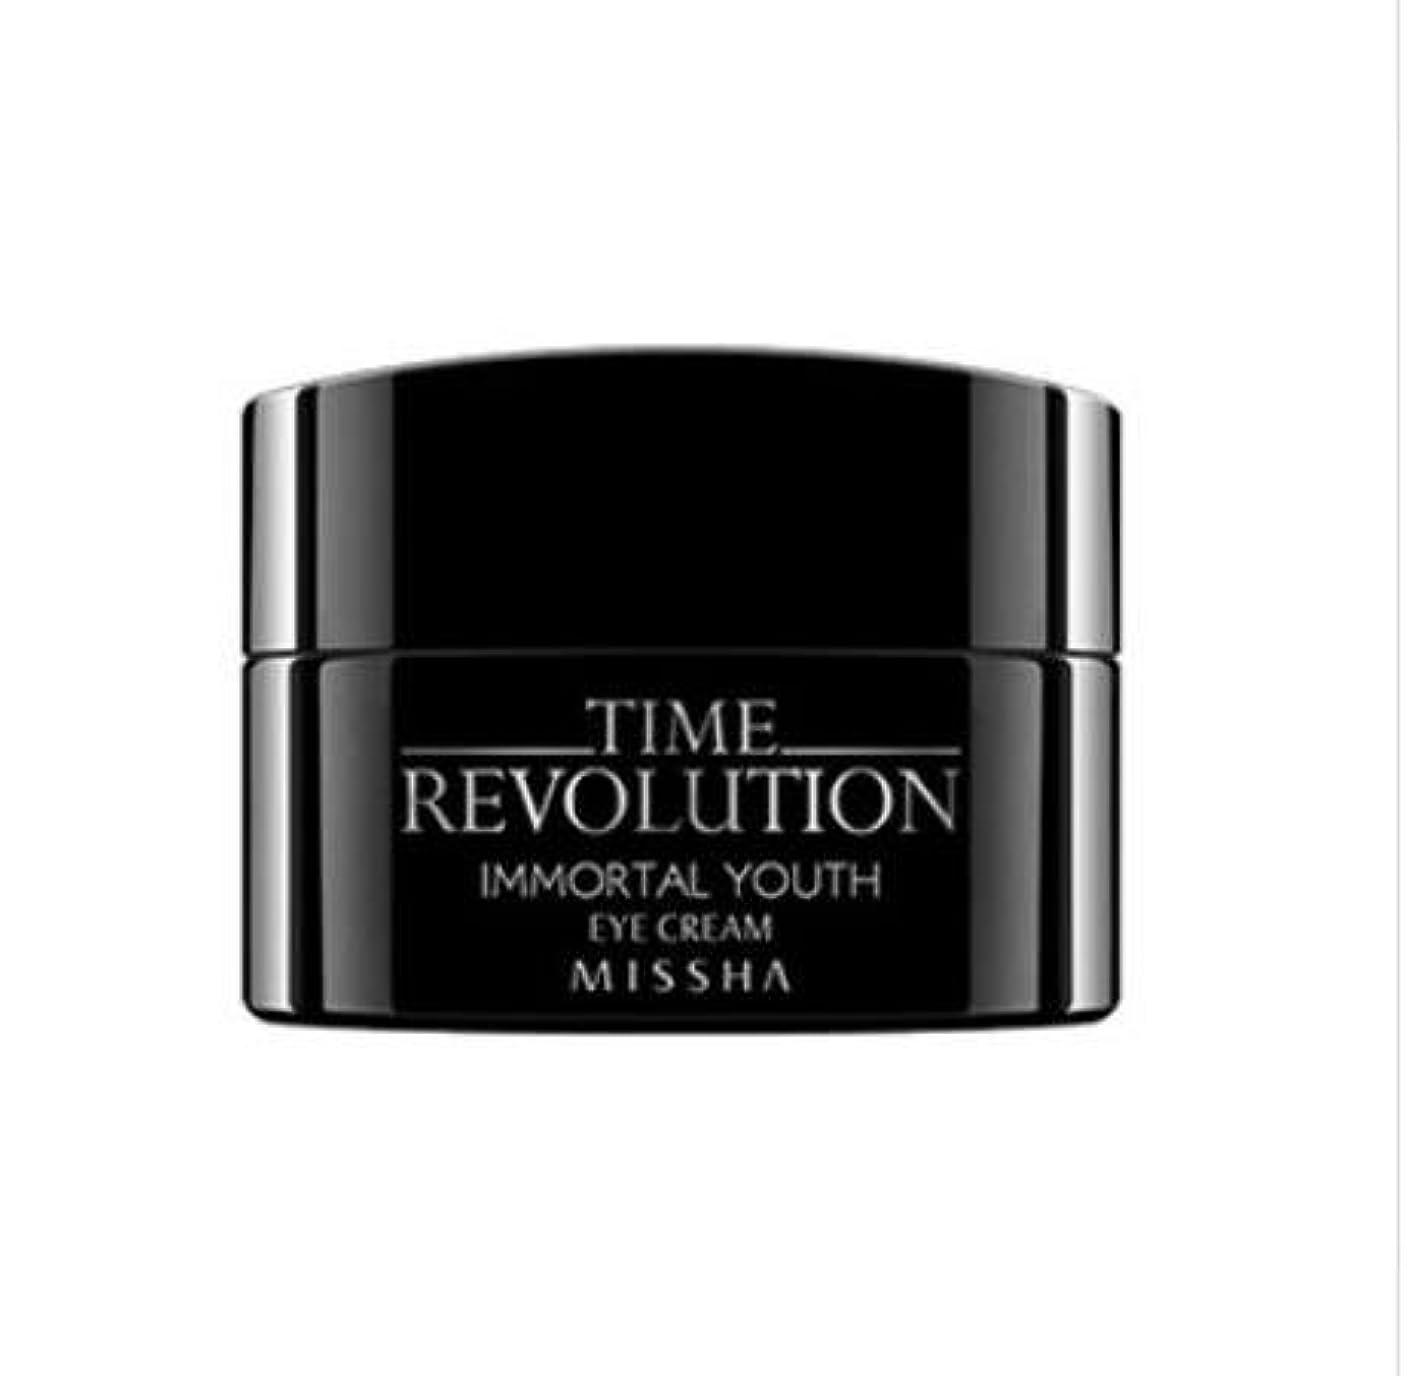 一致する礼儀お酢[ミシャ] Missha [タイムレボリューション イモタルユース アイクリーム](MISSHA Time Revolution Immortal Youth Eye Cream) [並行輸入品]